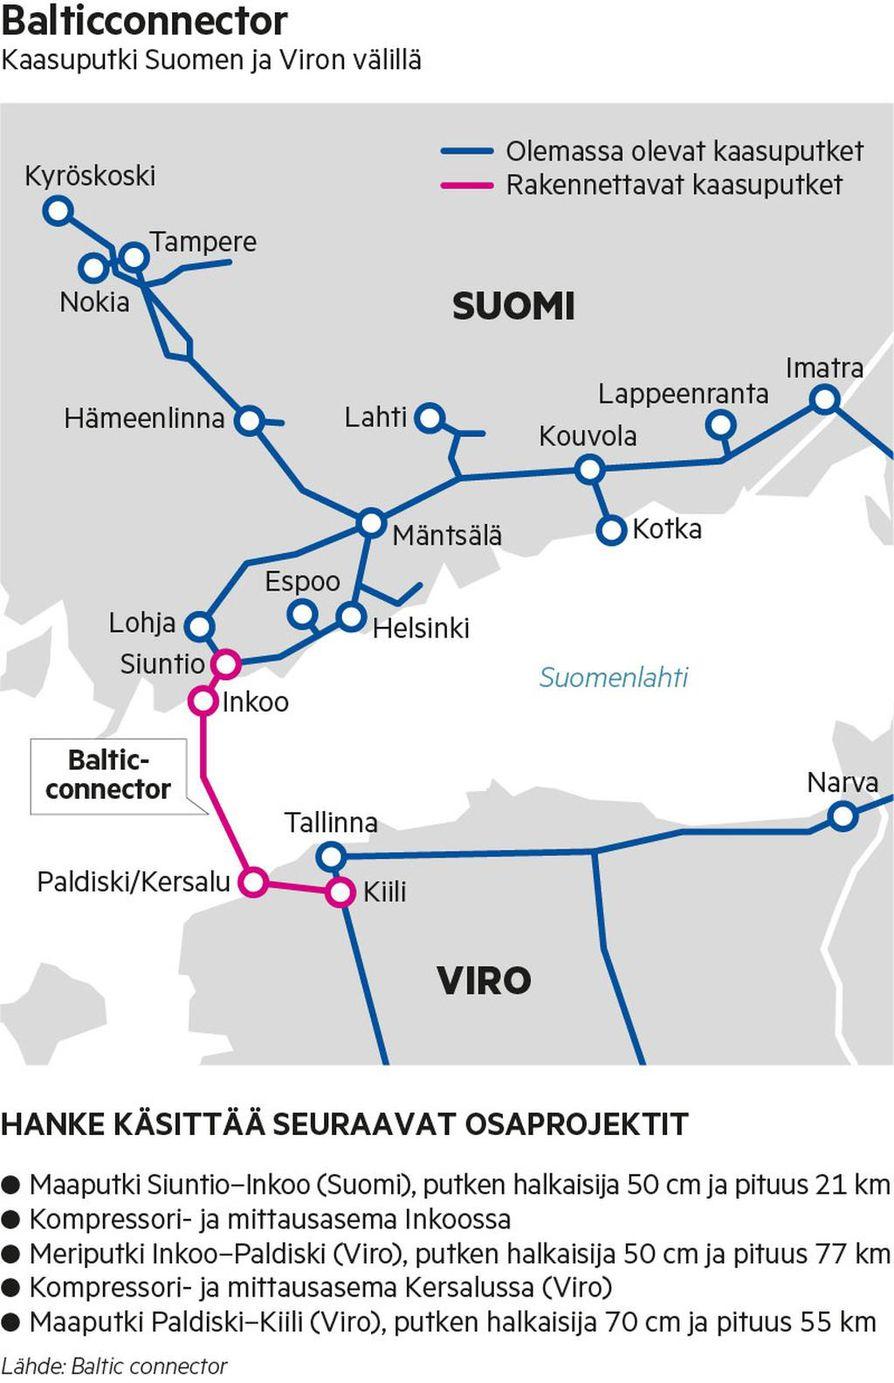 Ennen Balticconnectoria Suomessa käytettävä putkimaakaasu tulee yhdestä tuontipisteestä Imatran kautta Venäjältä. Parin vuoden päästä Suomi on yhteydessä jo Euroopan verkostoon, jolloin Suomeen voi ostaa kaasua vaikka Hollannista.